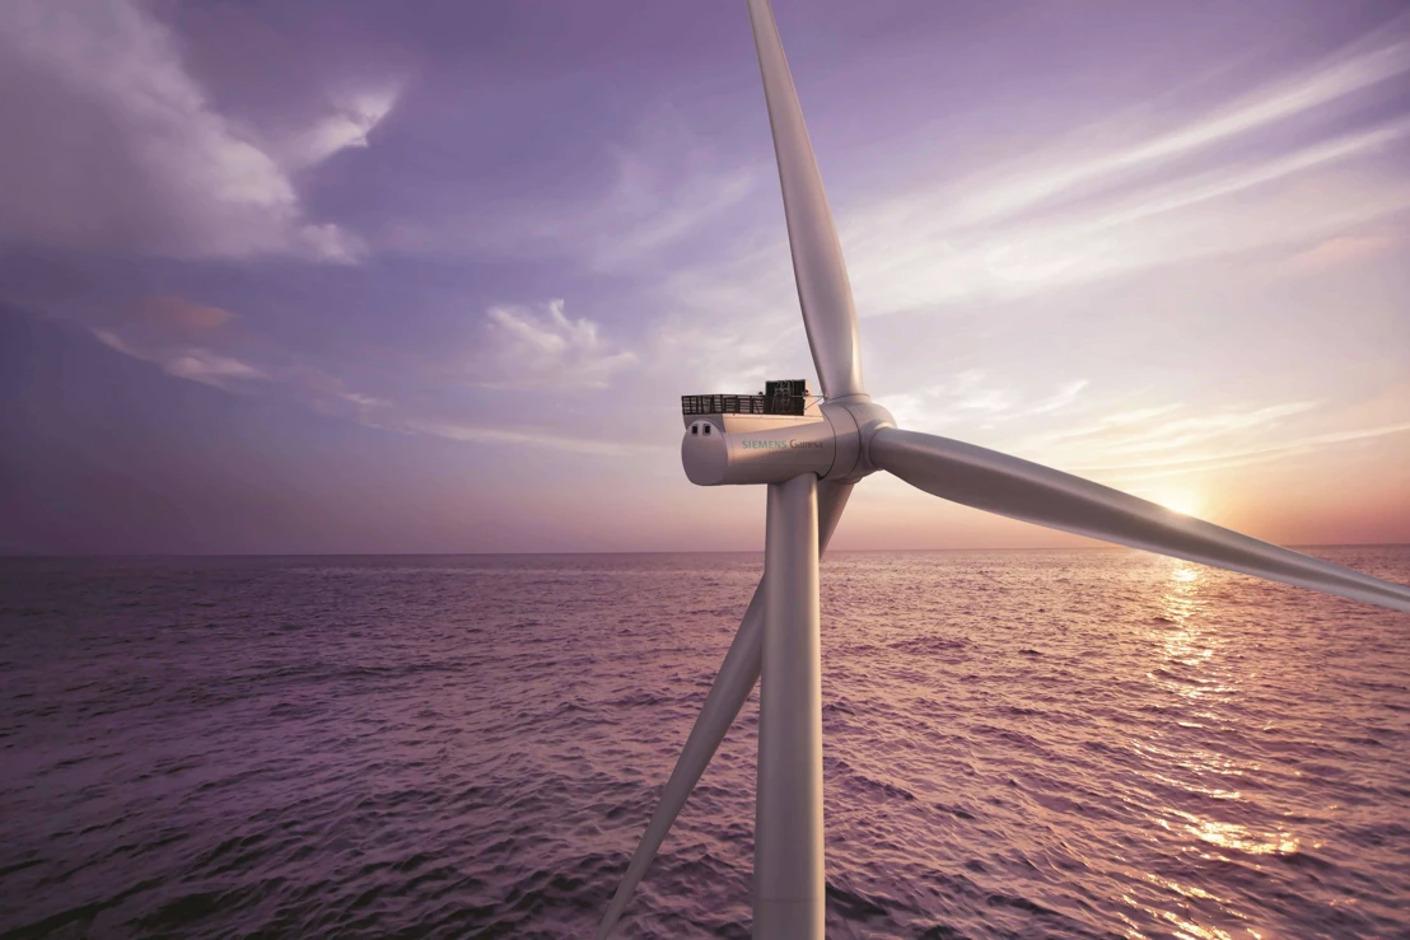 Du vent fort rendra deux réacteurs nucléaires superflus